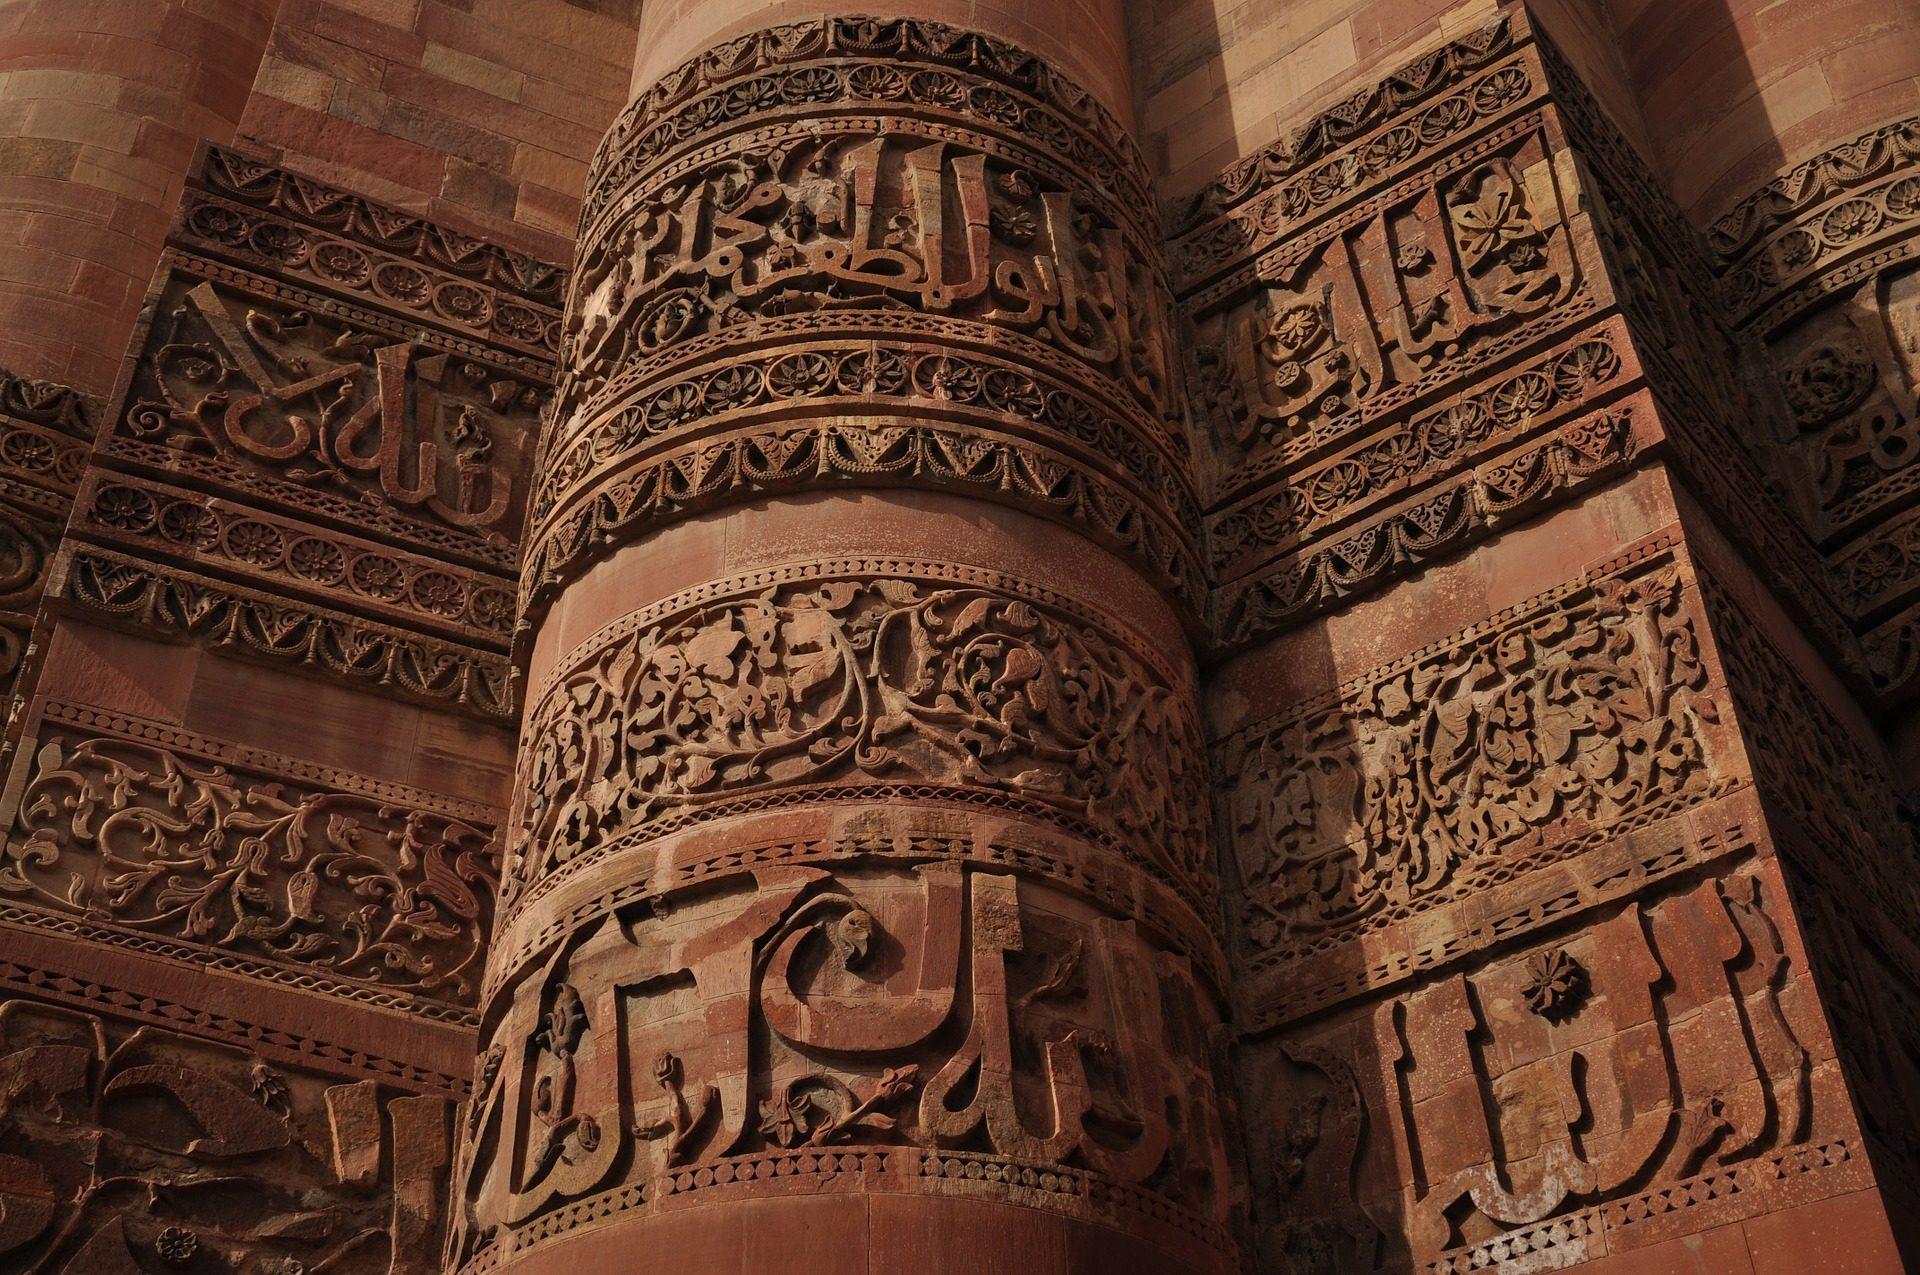 dimensioni, pared, Parete, Tempio, Iscrizioni, antenati, vecchio - Sfondi HD - Professor-falken.com